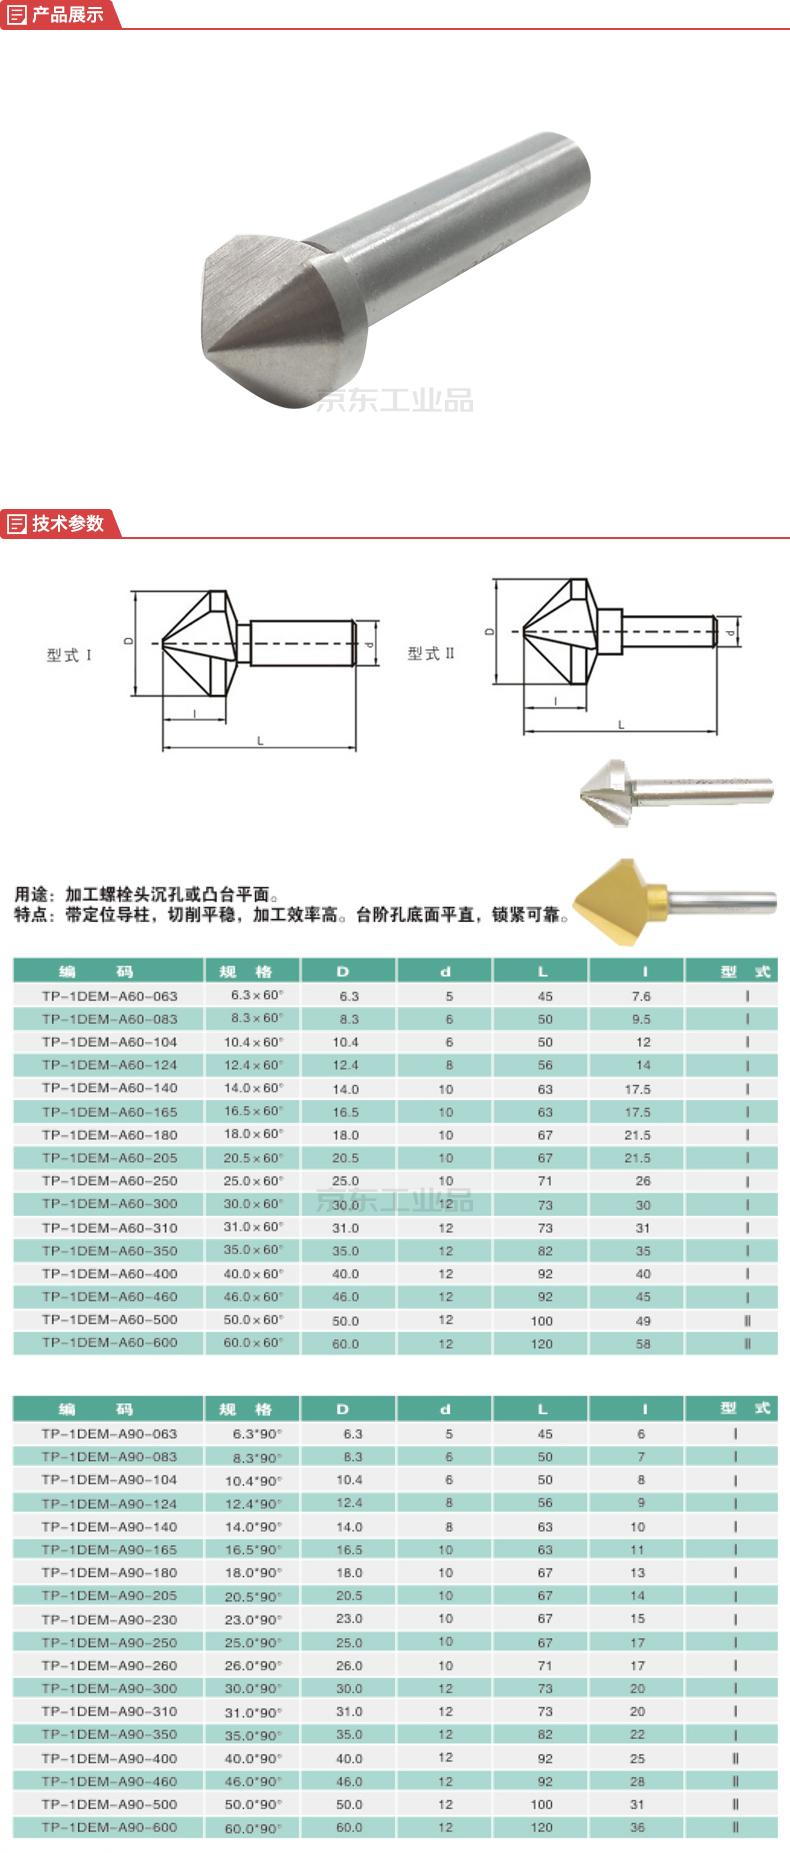 拓普 单刃倒角刀14.0*90°;TP-1DEM-A90-140